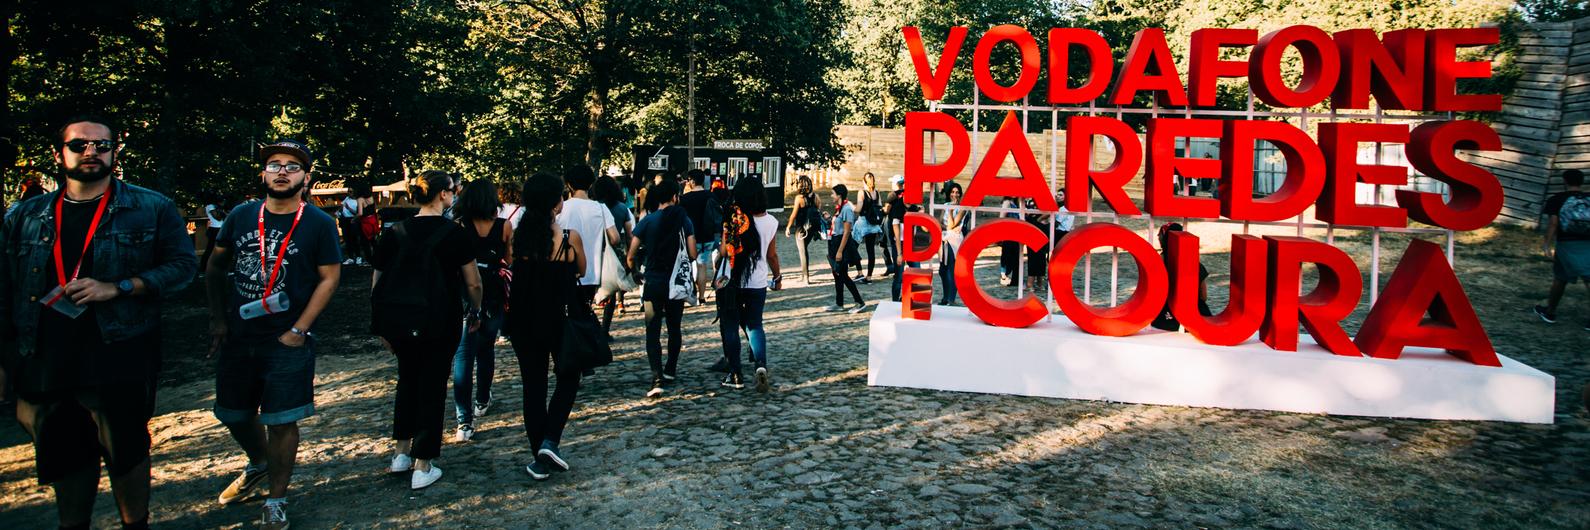 Festival Vodafone Paredes de Coura atingiu o seu ponto de perfeição